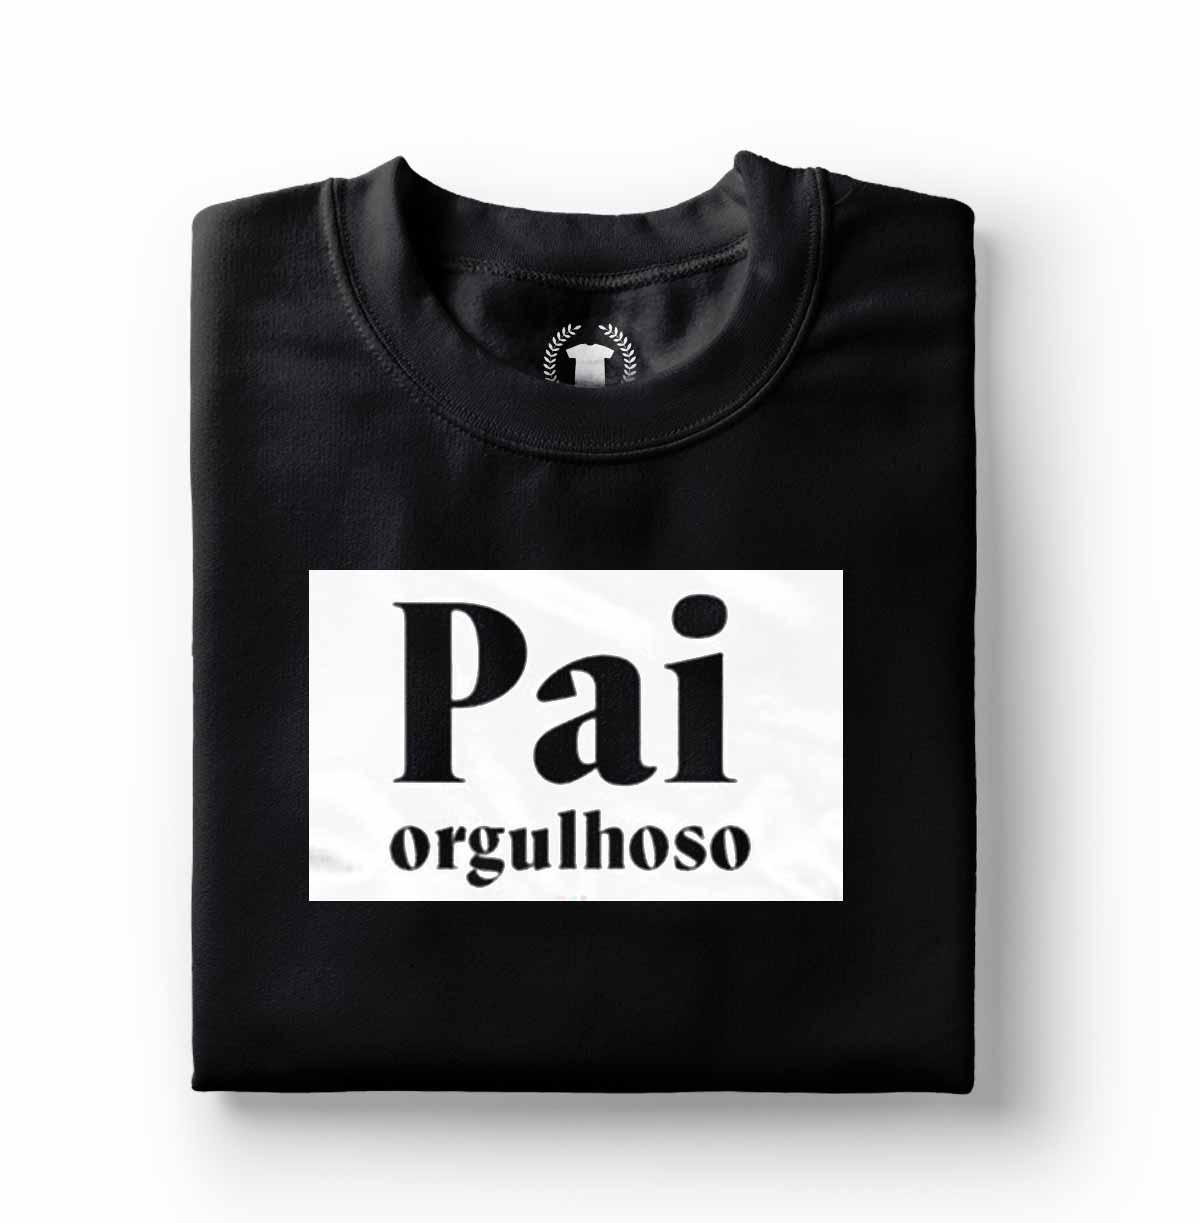 camiseta pai orgulhoso algodao preto